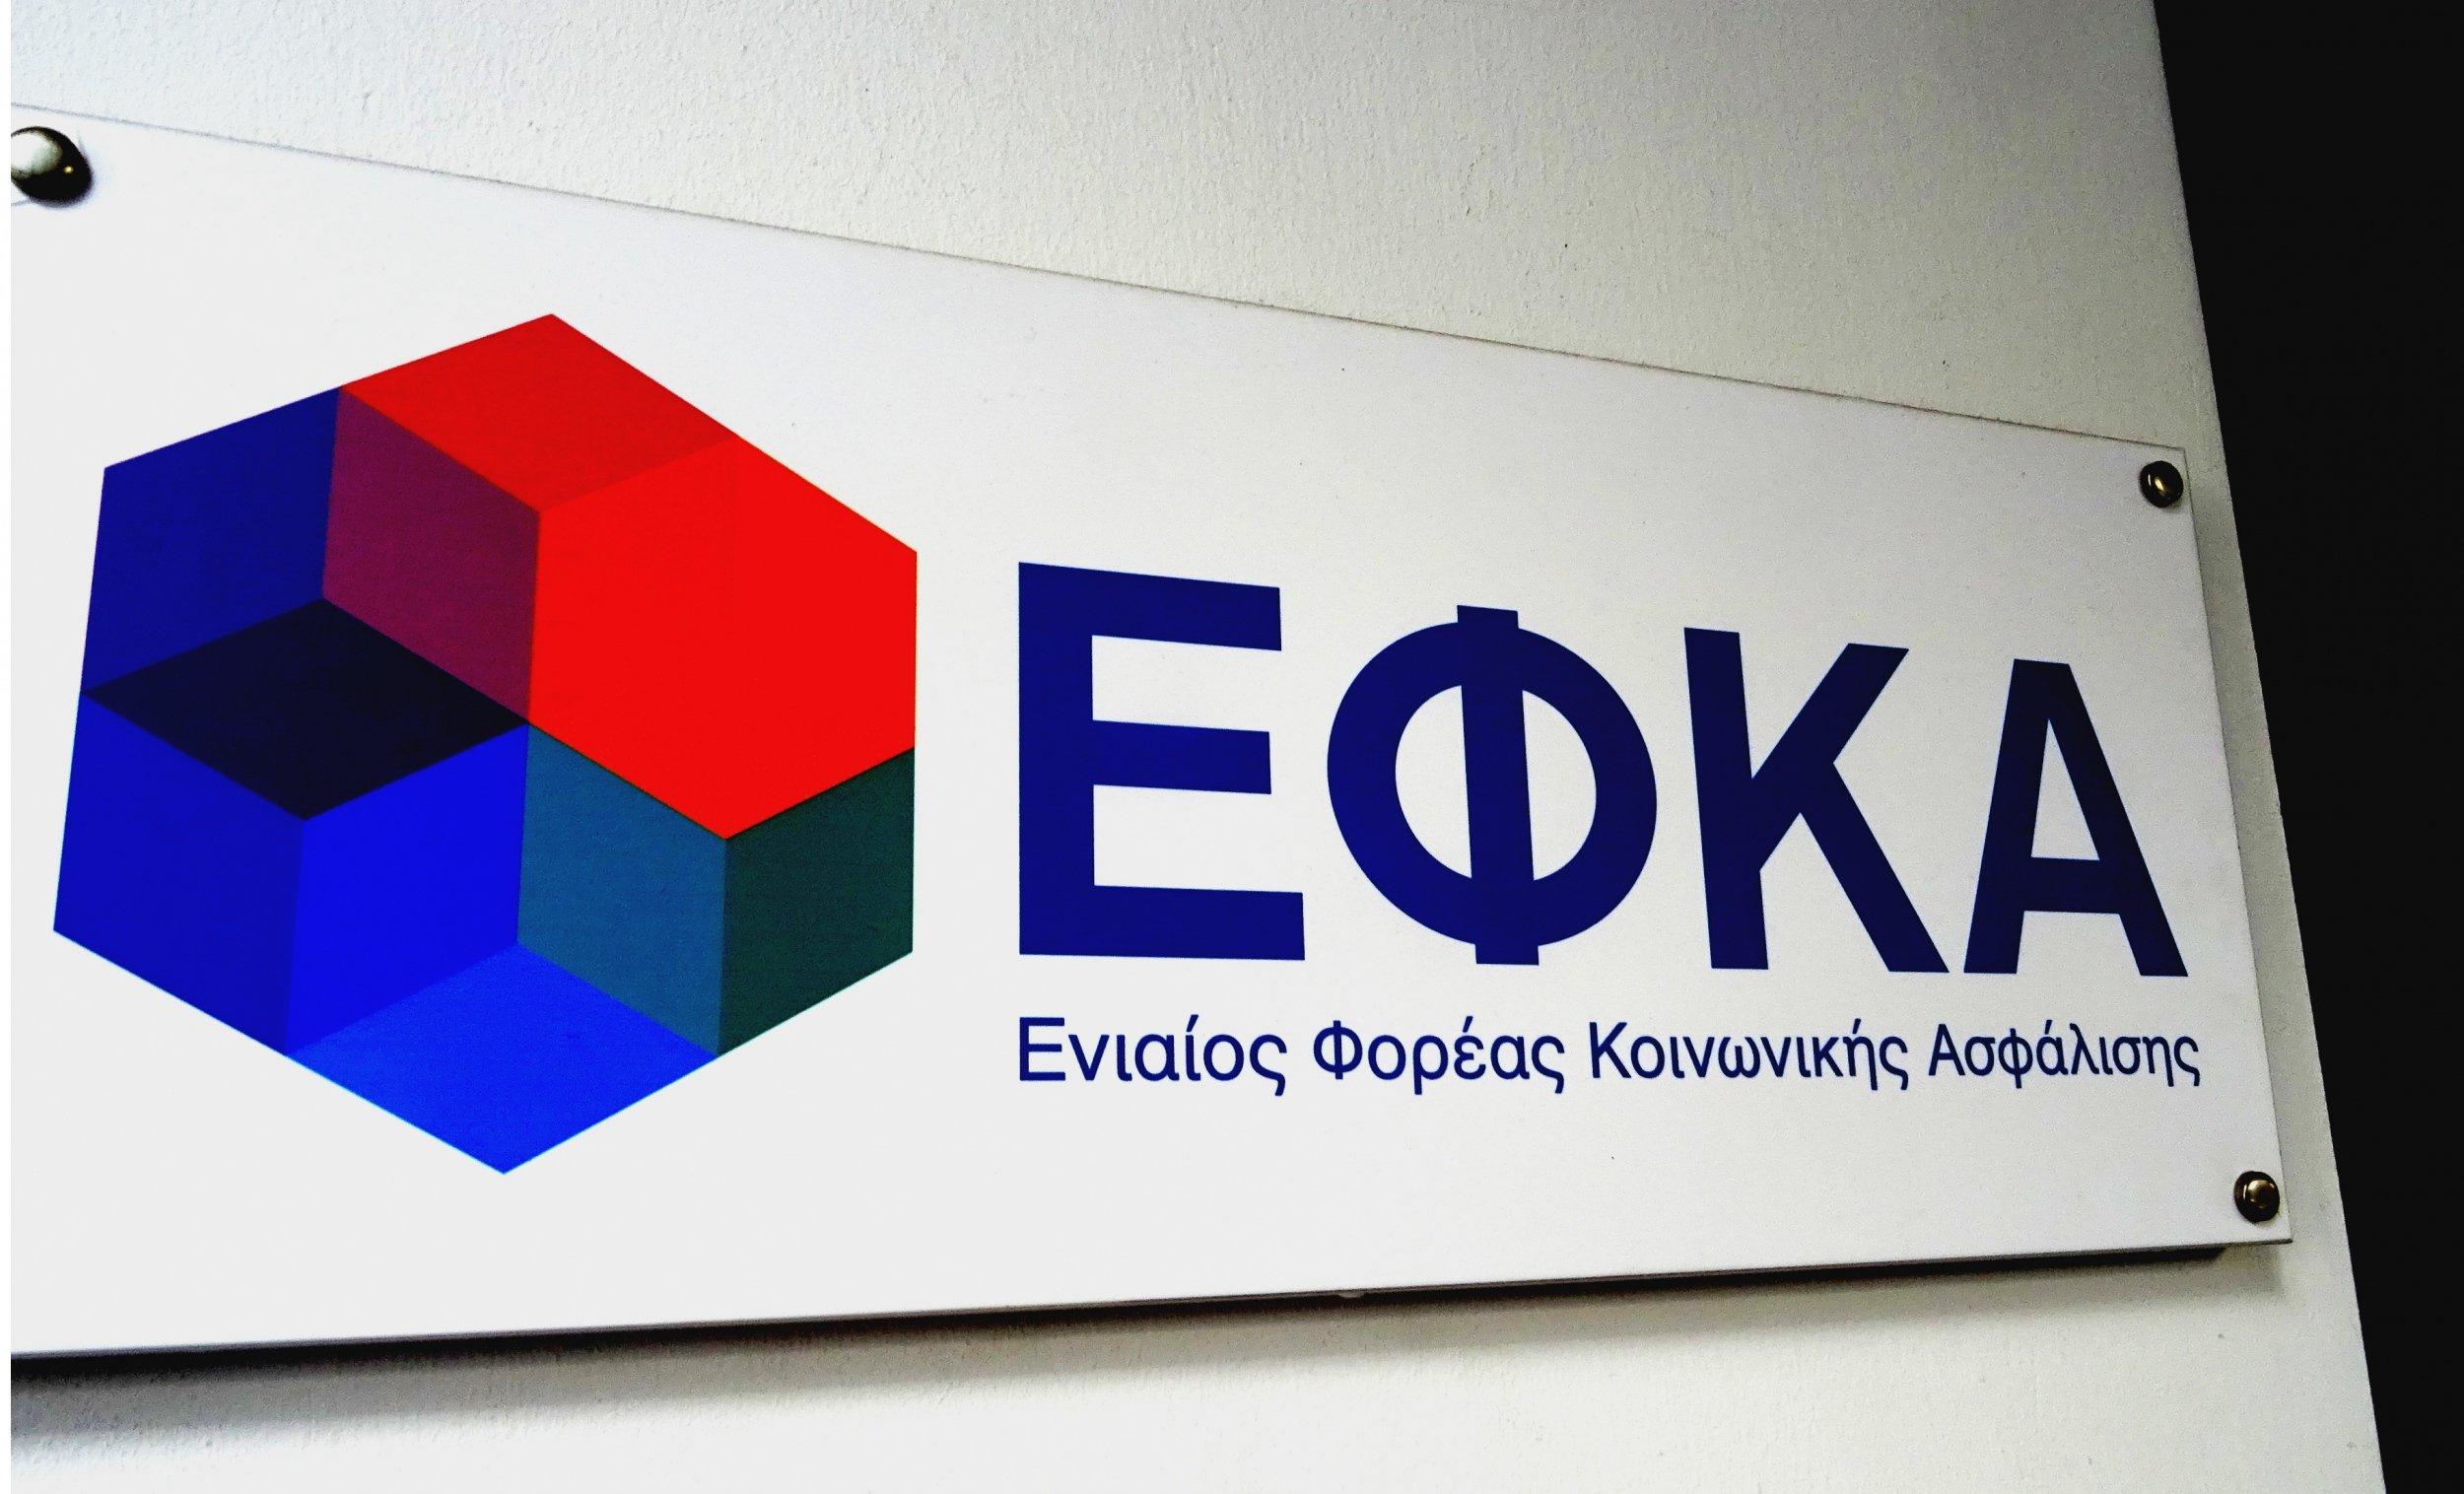 ΕΦΚΑ: Ως 08 Ιουνίου η προθεσμία καταβολής εισφορών Απριλίου 2018 Μη Μισθωτών Ασφαλισμένων